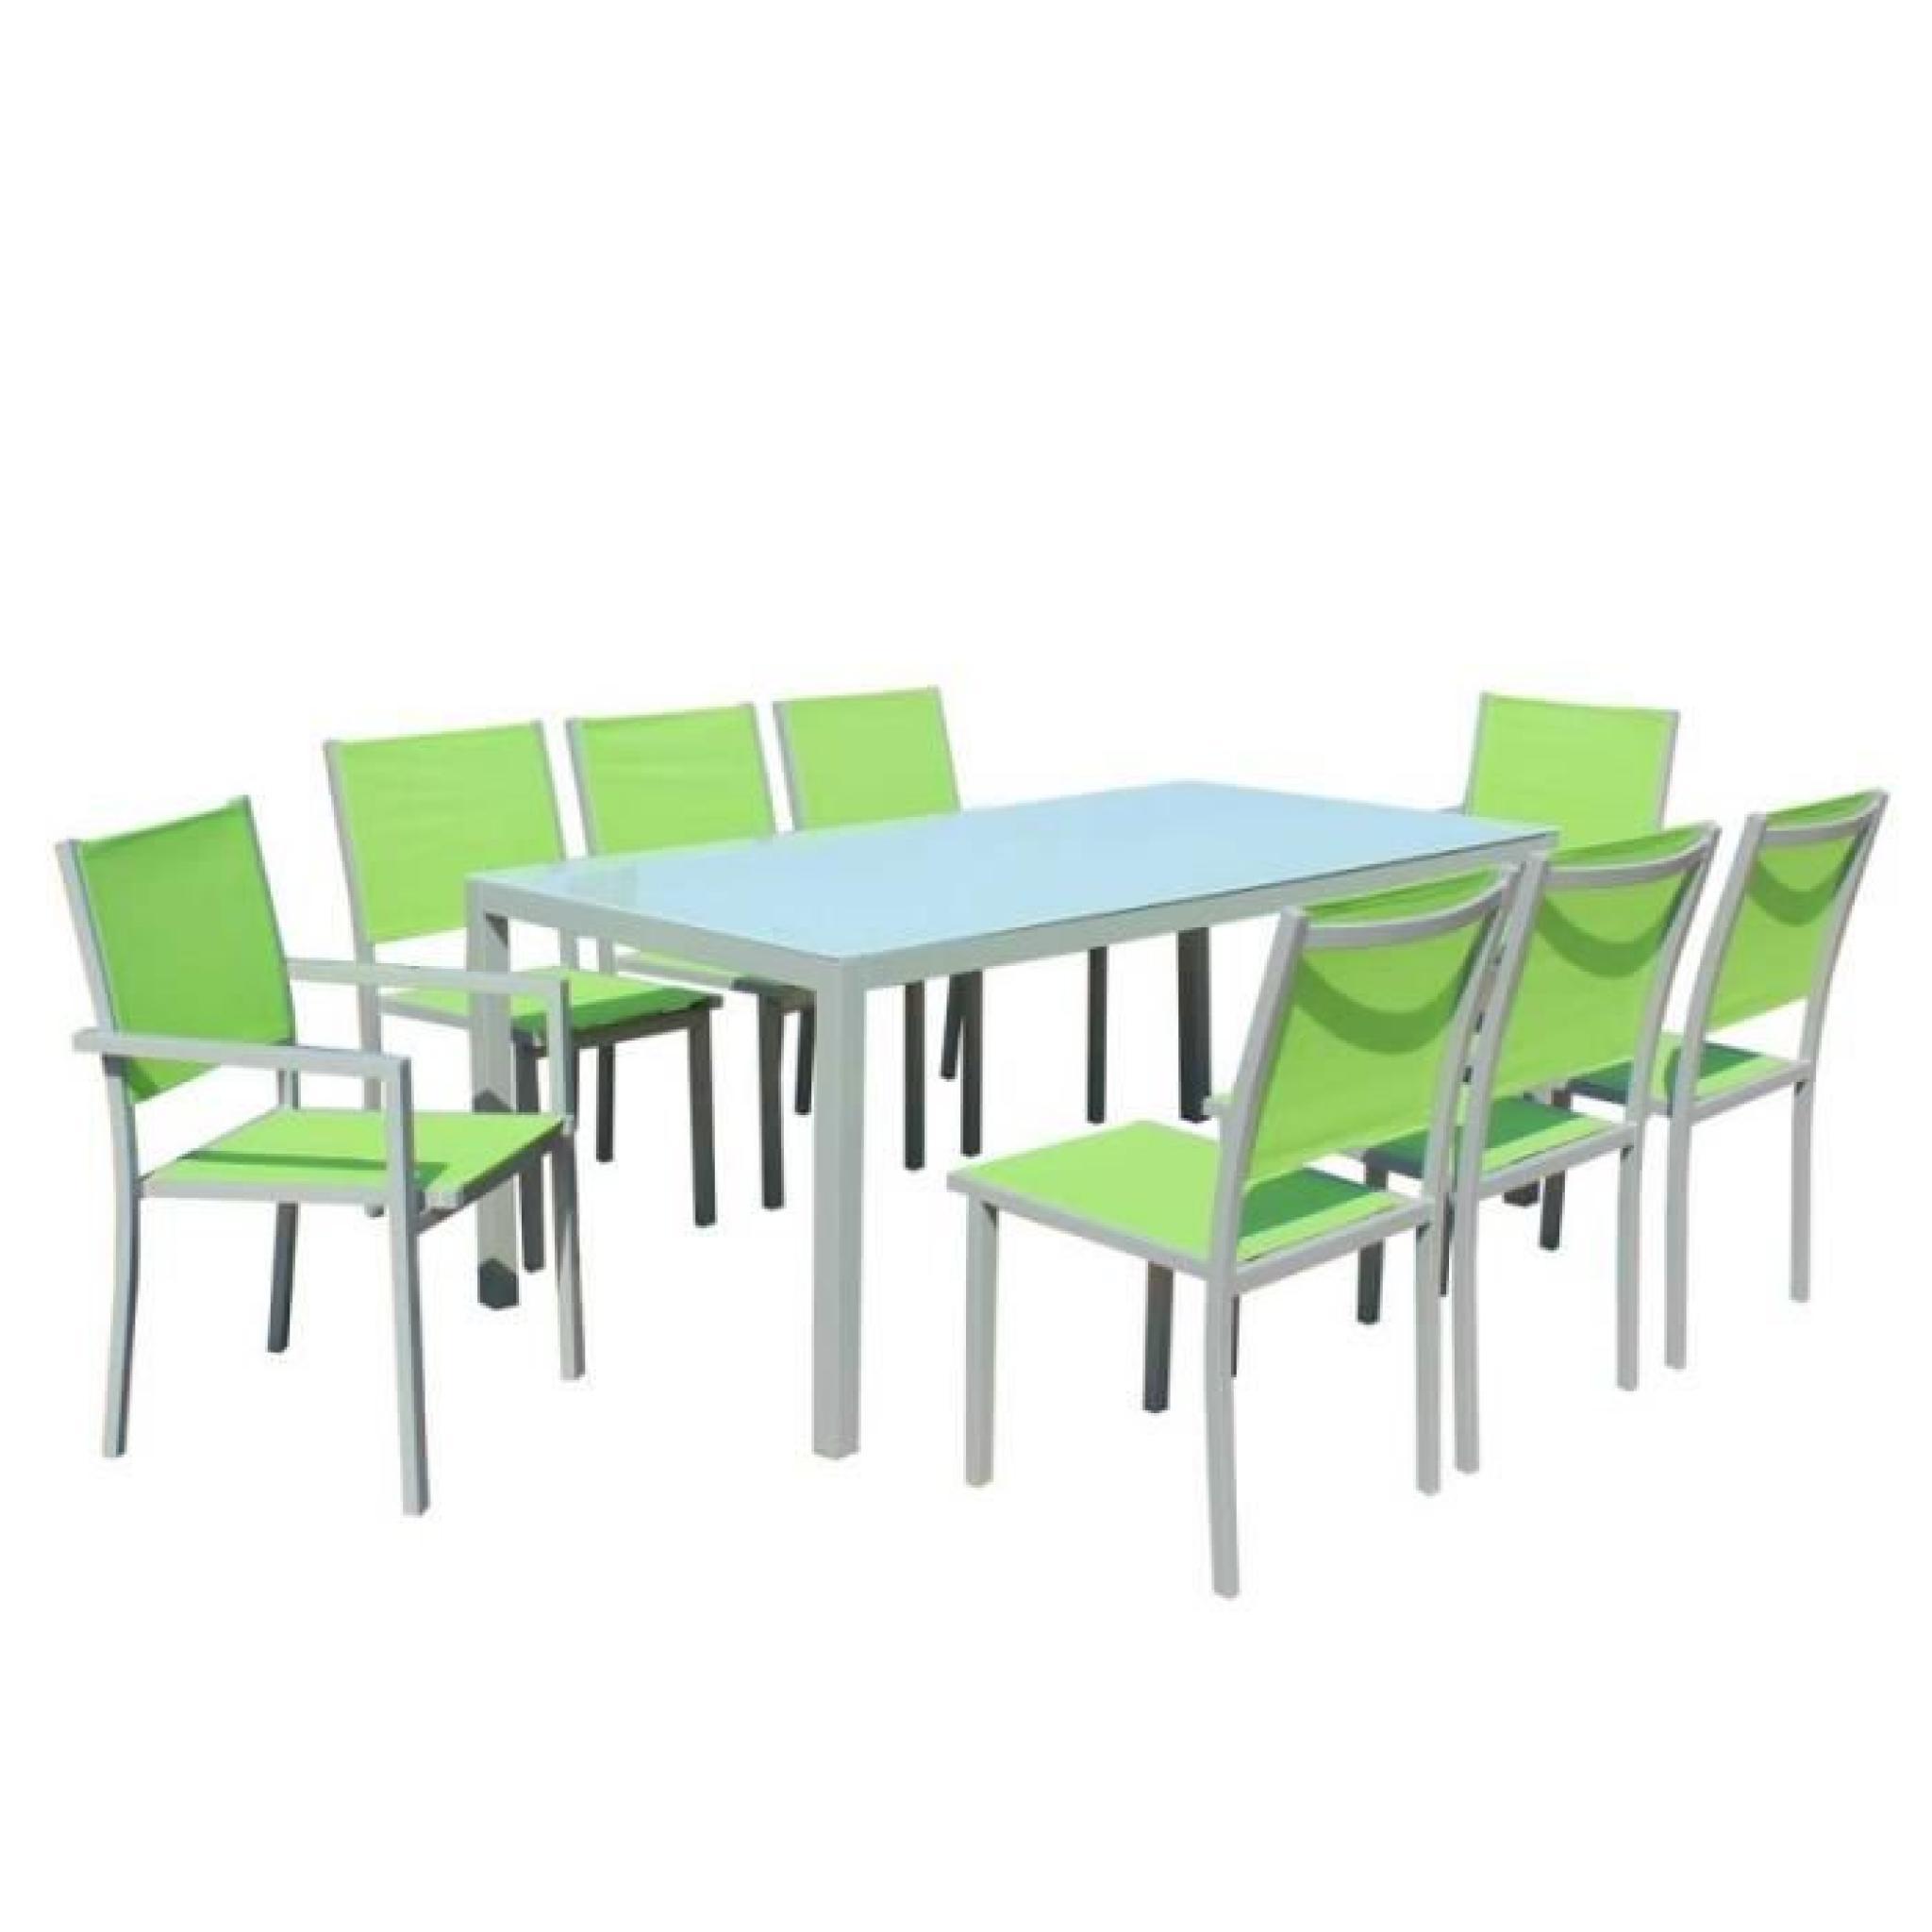 Table Et Chaises De Jardin - 8 Fauteuils Pliants - Aluminium Et Verre encequiconcerne Table Et Chaises De Jardin Pas Cher